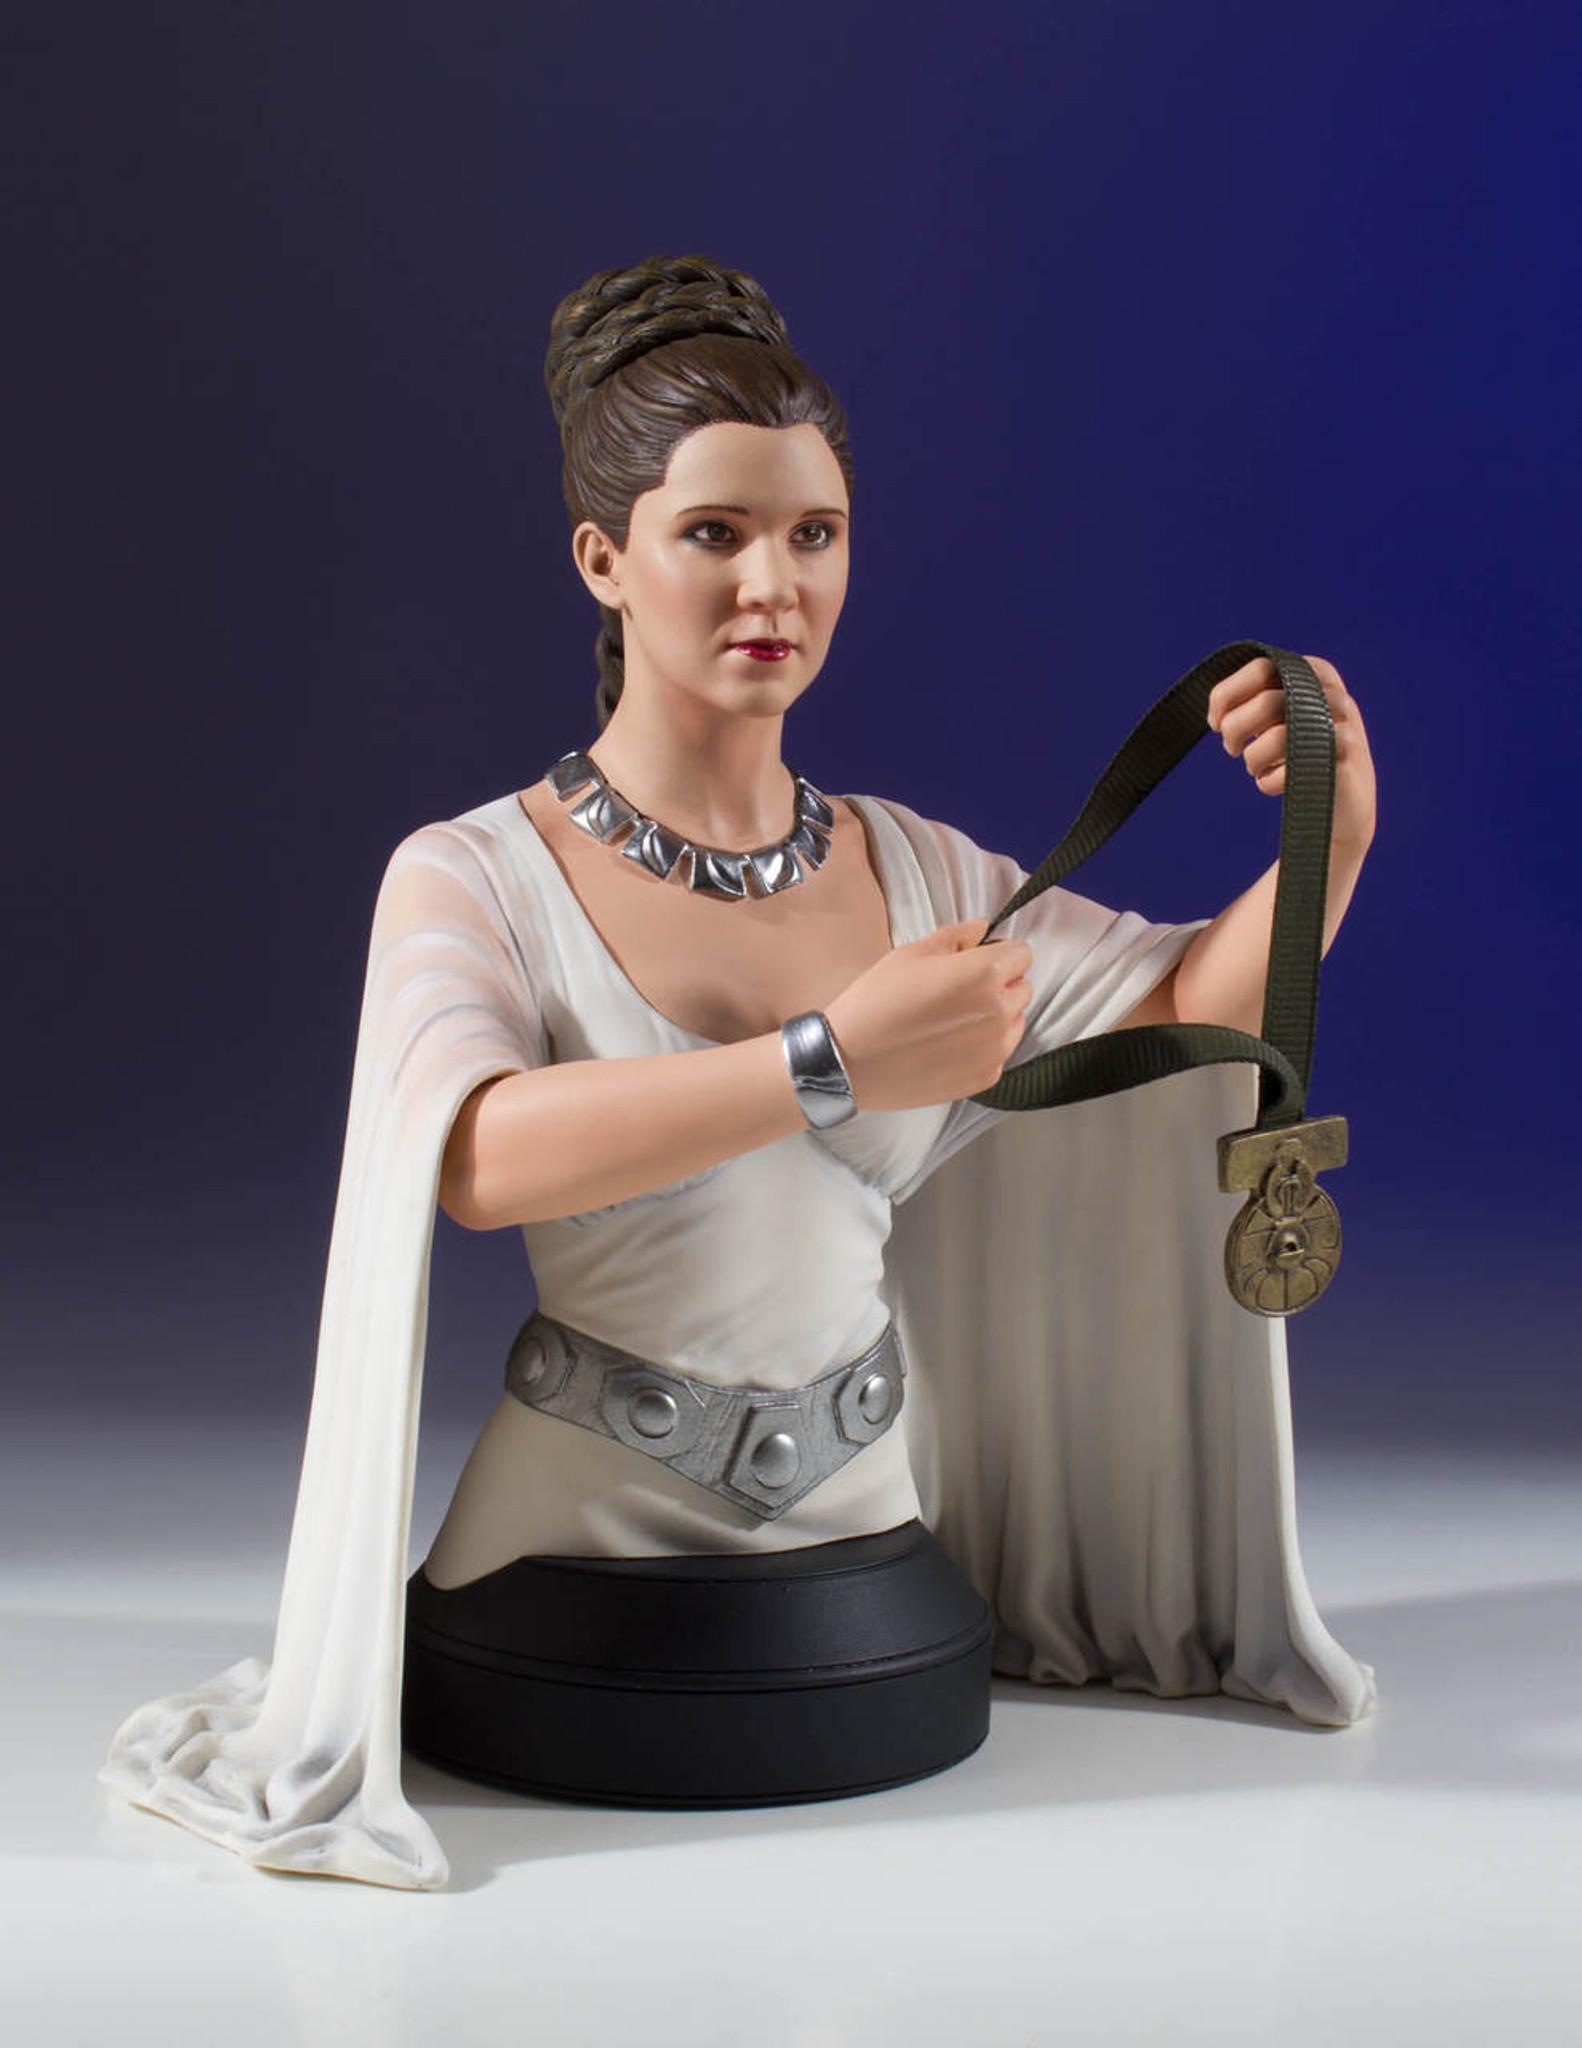 leia hero of yavin mini bust collectible gentle giant